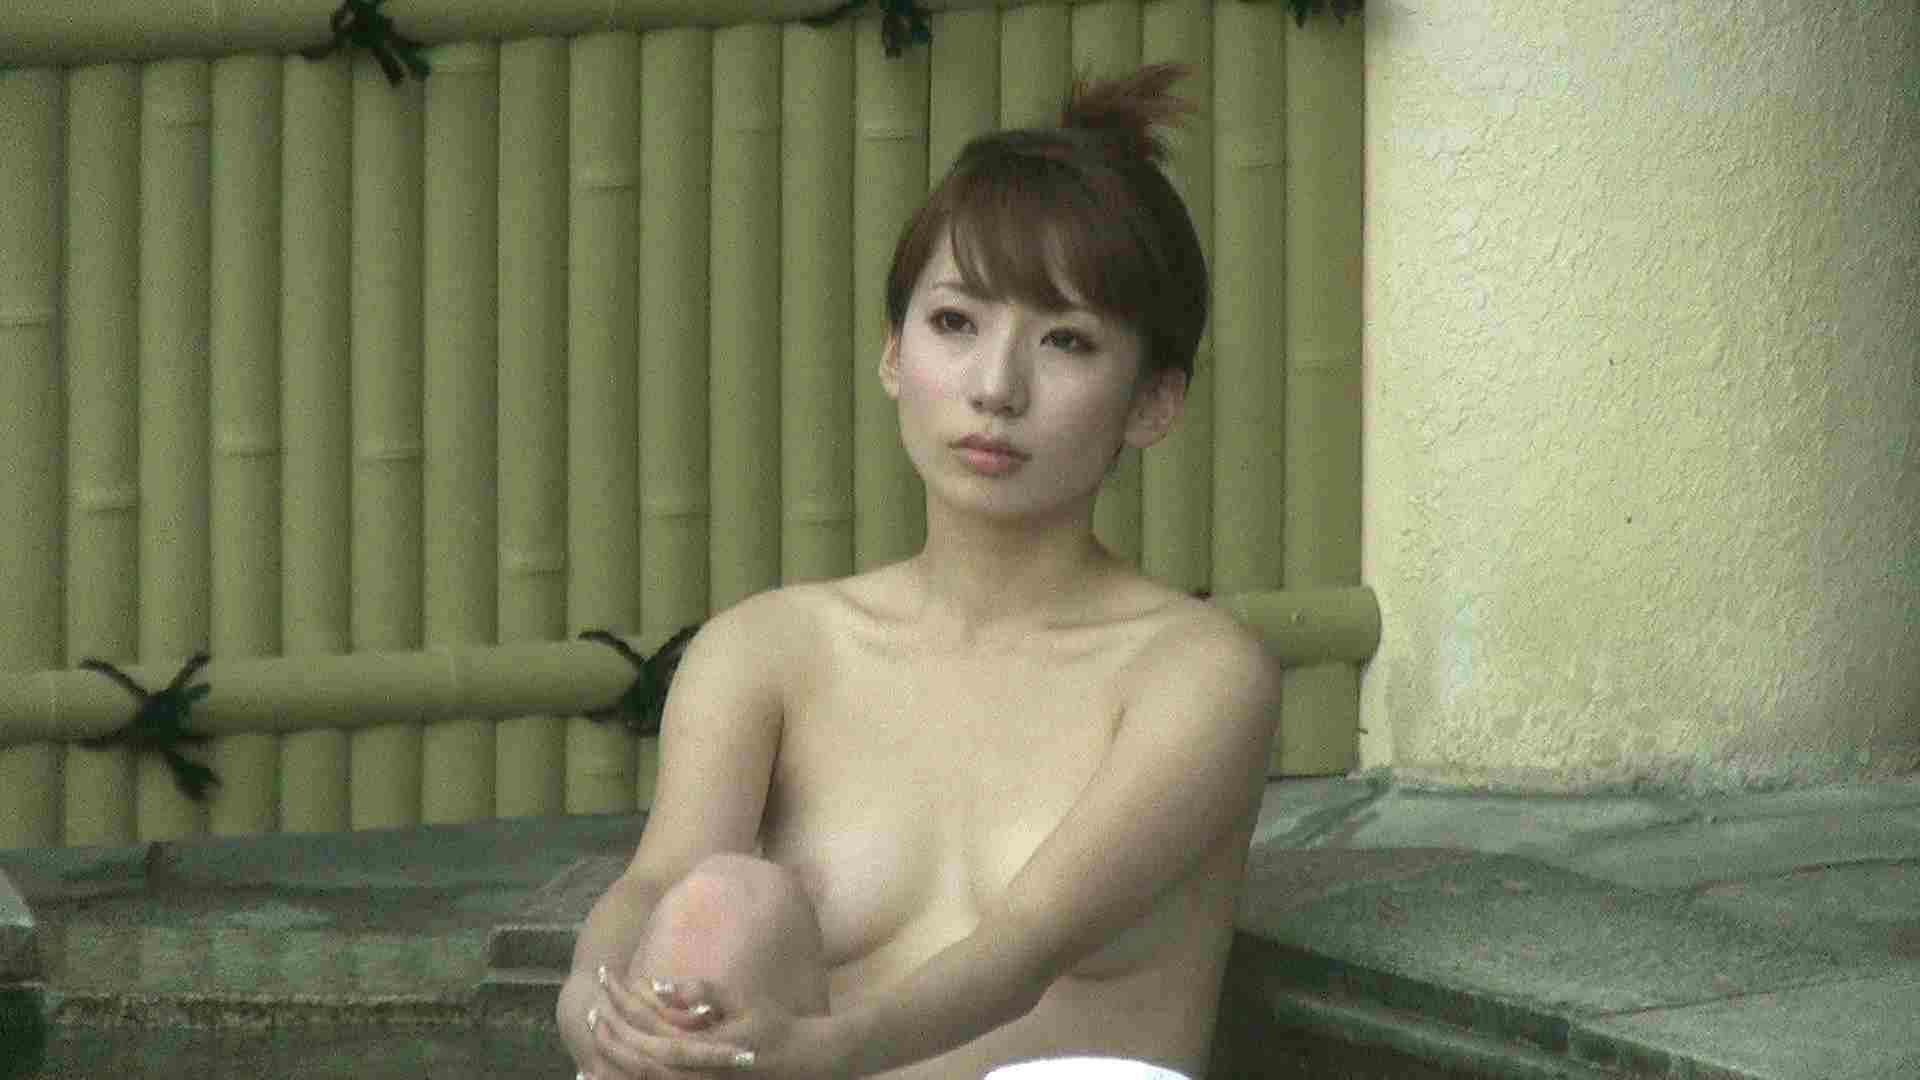 Aquaな露天風呂Vol.208 露天風呂 | 盗撮  54連発 4